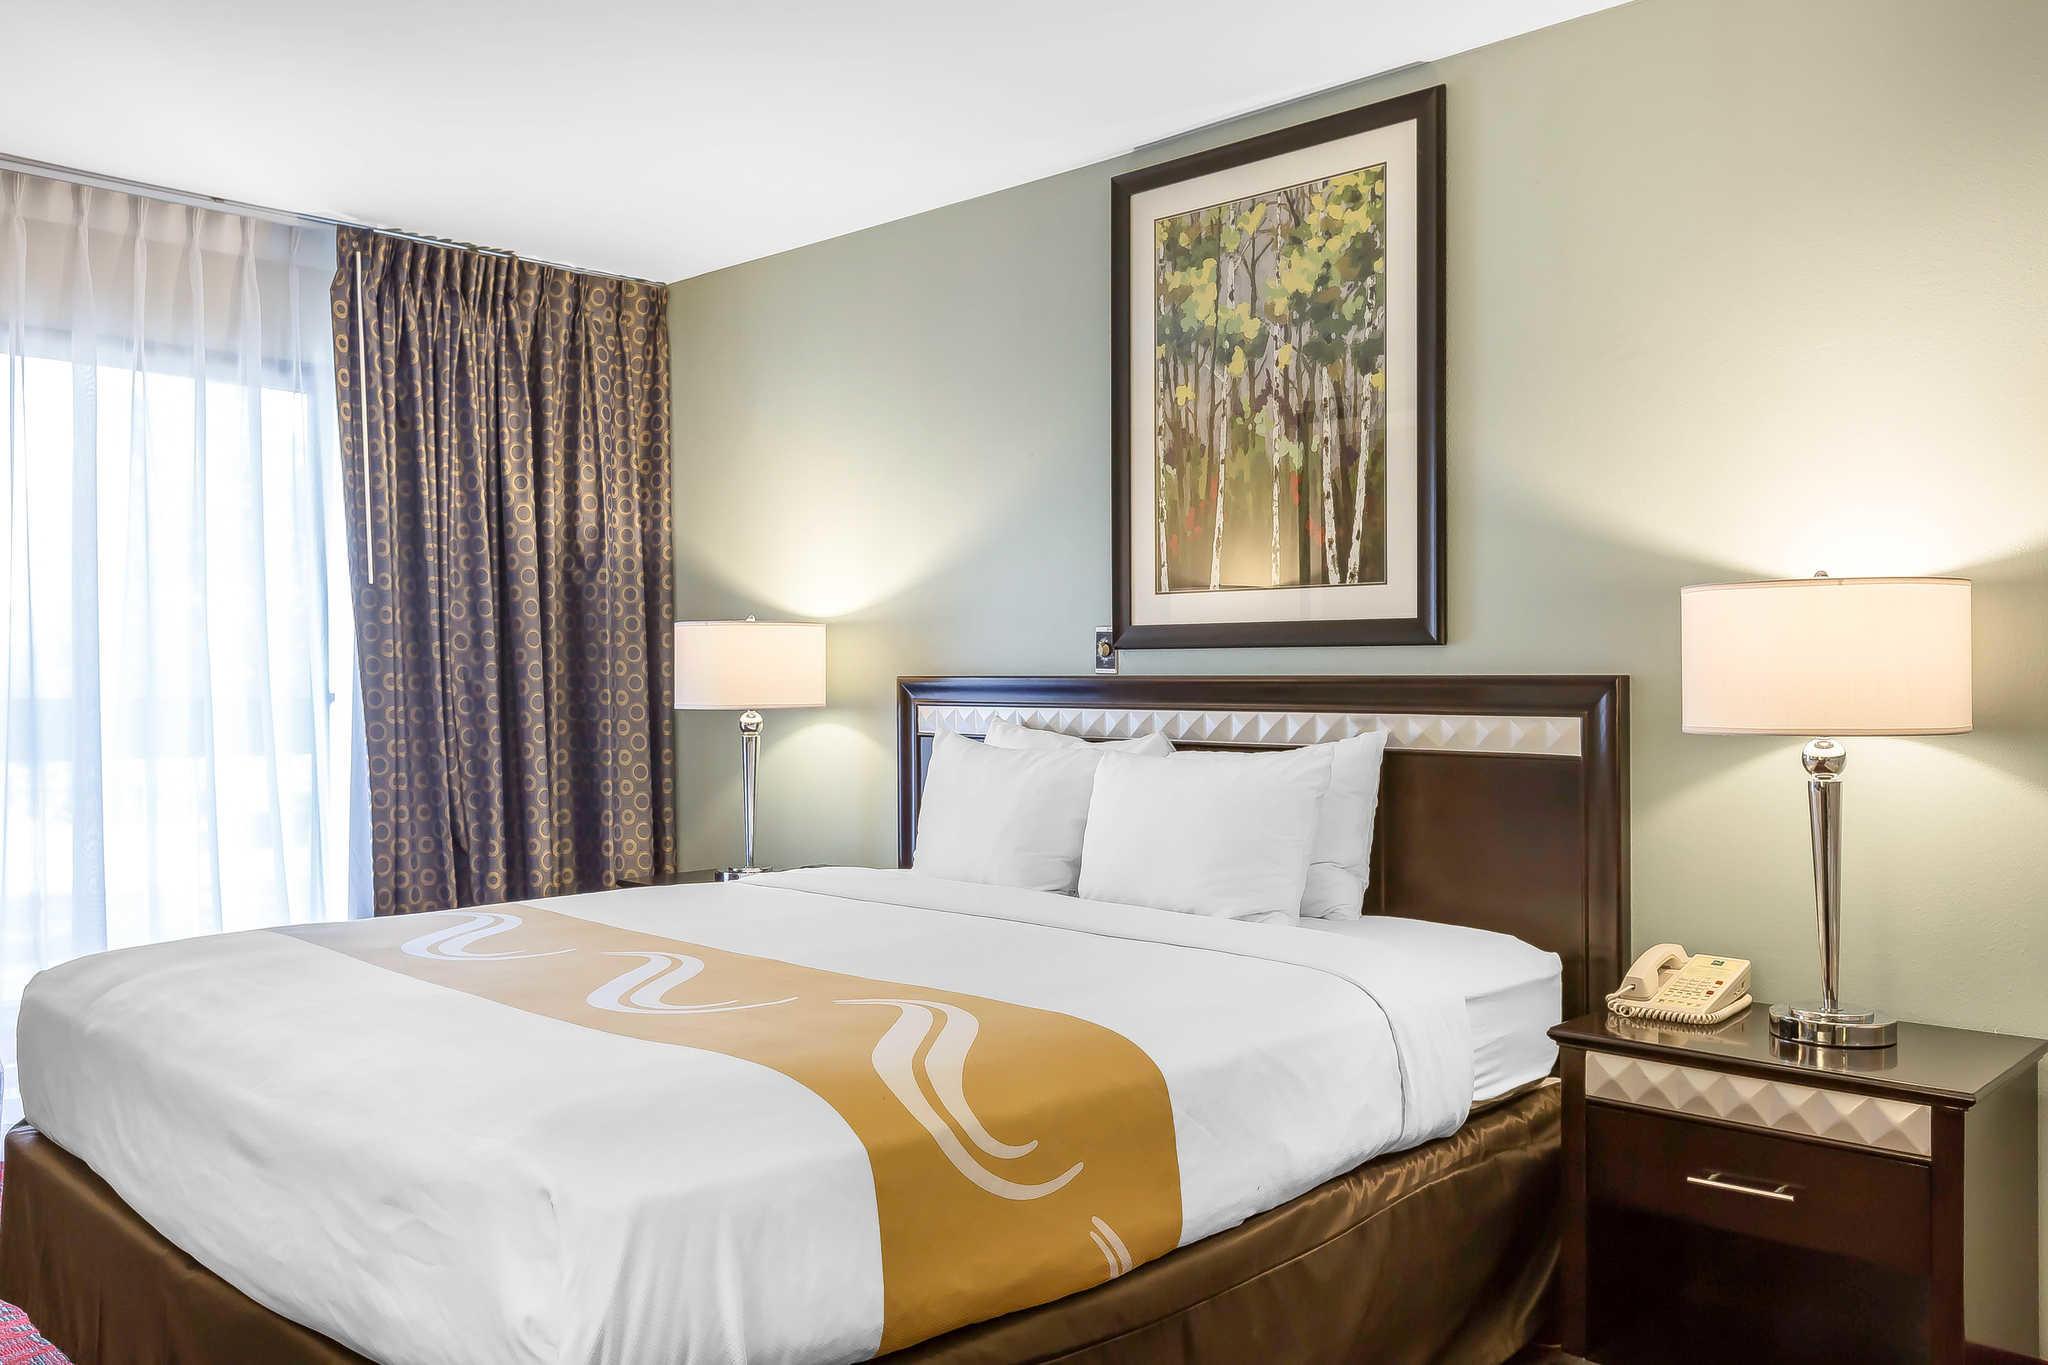 Quality Inn & Suites Irvine Spectrum image 18